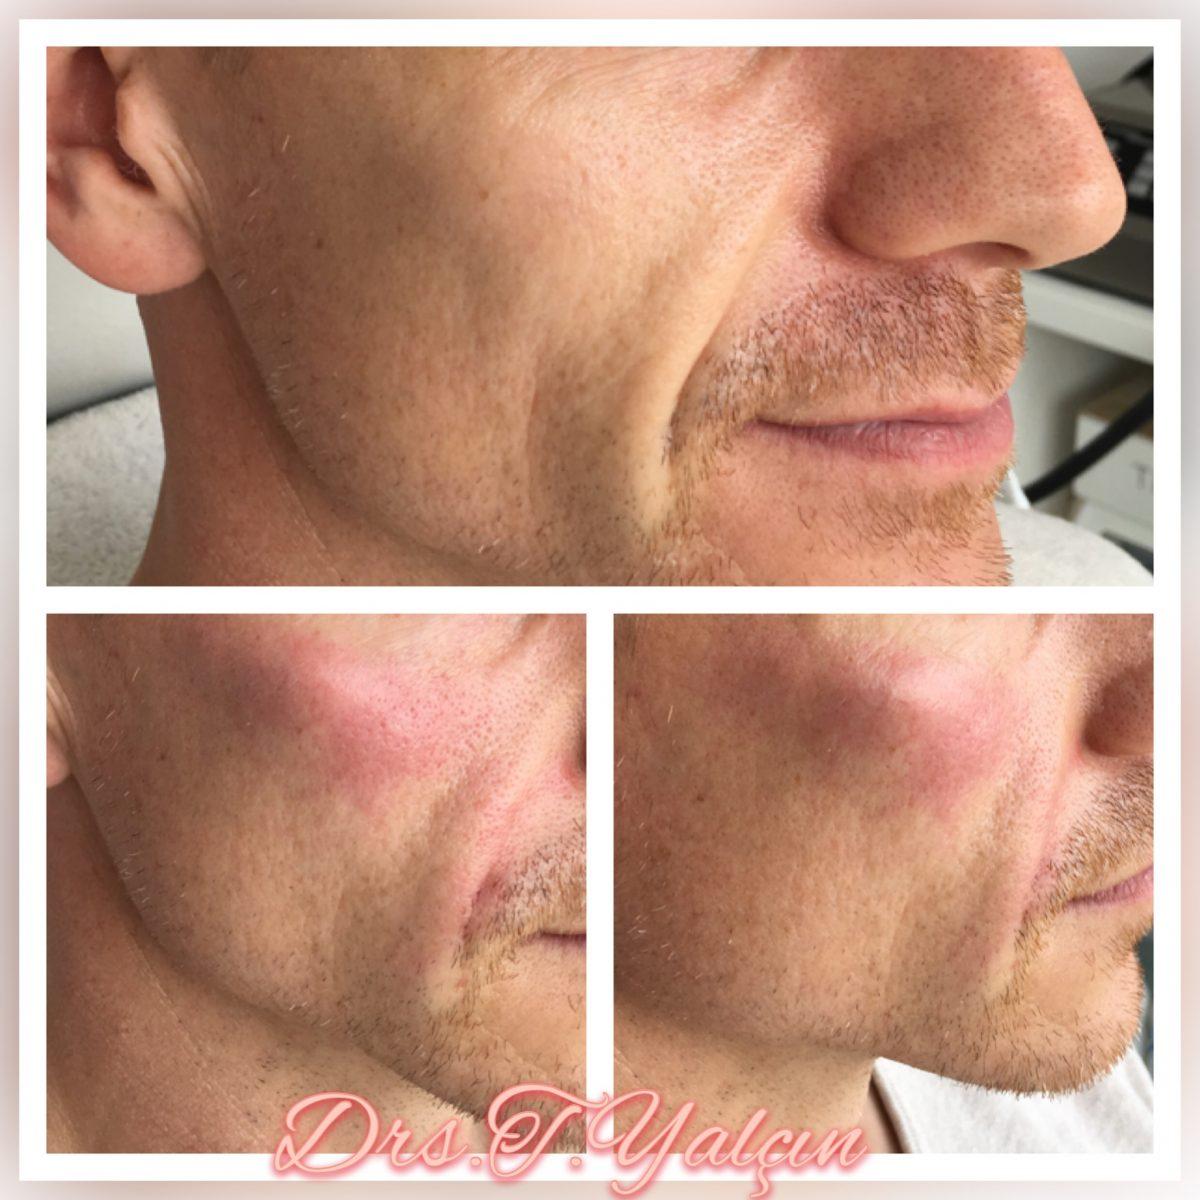 Intraline for Men 2 mL Jukbeenderen en zachter maken van de nasolabiale plooien. Roodheid en zwelling trekken weg.